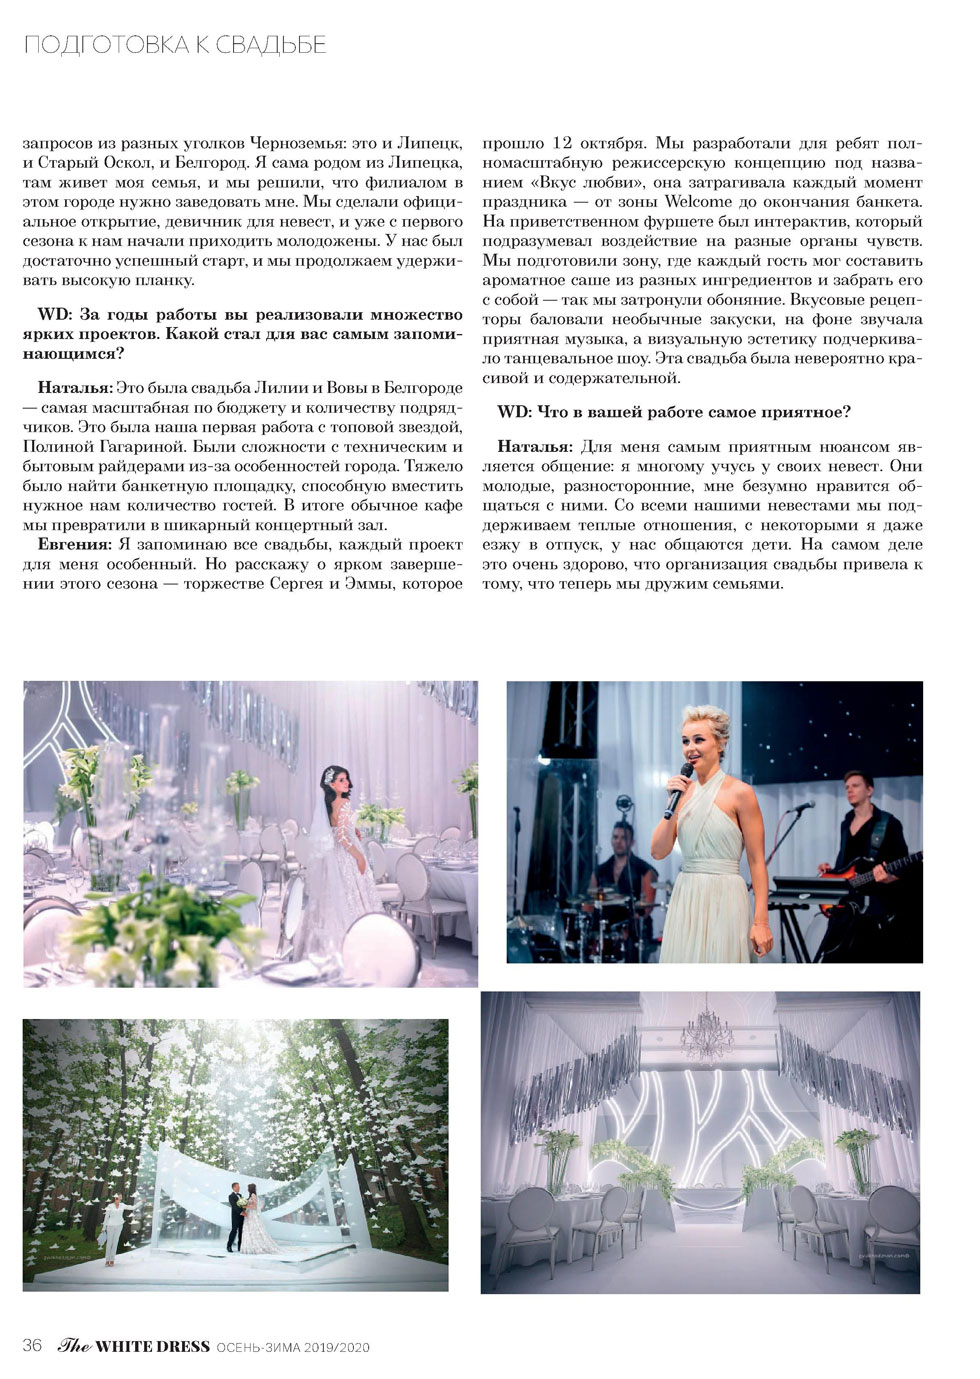 Идеальная свадьба в журнале The White Dress